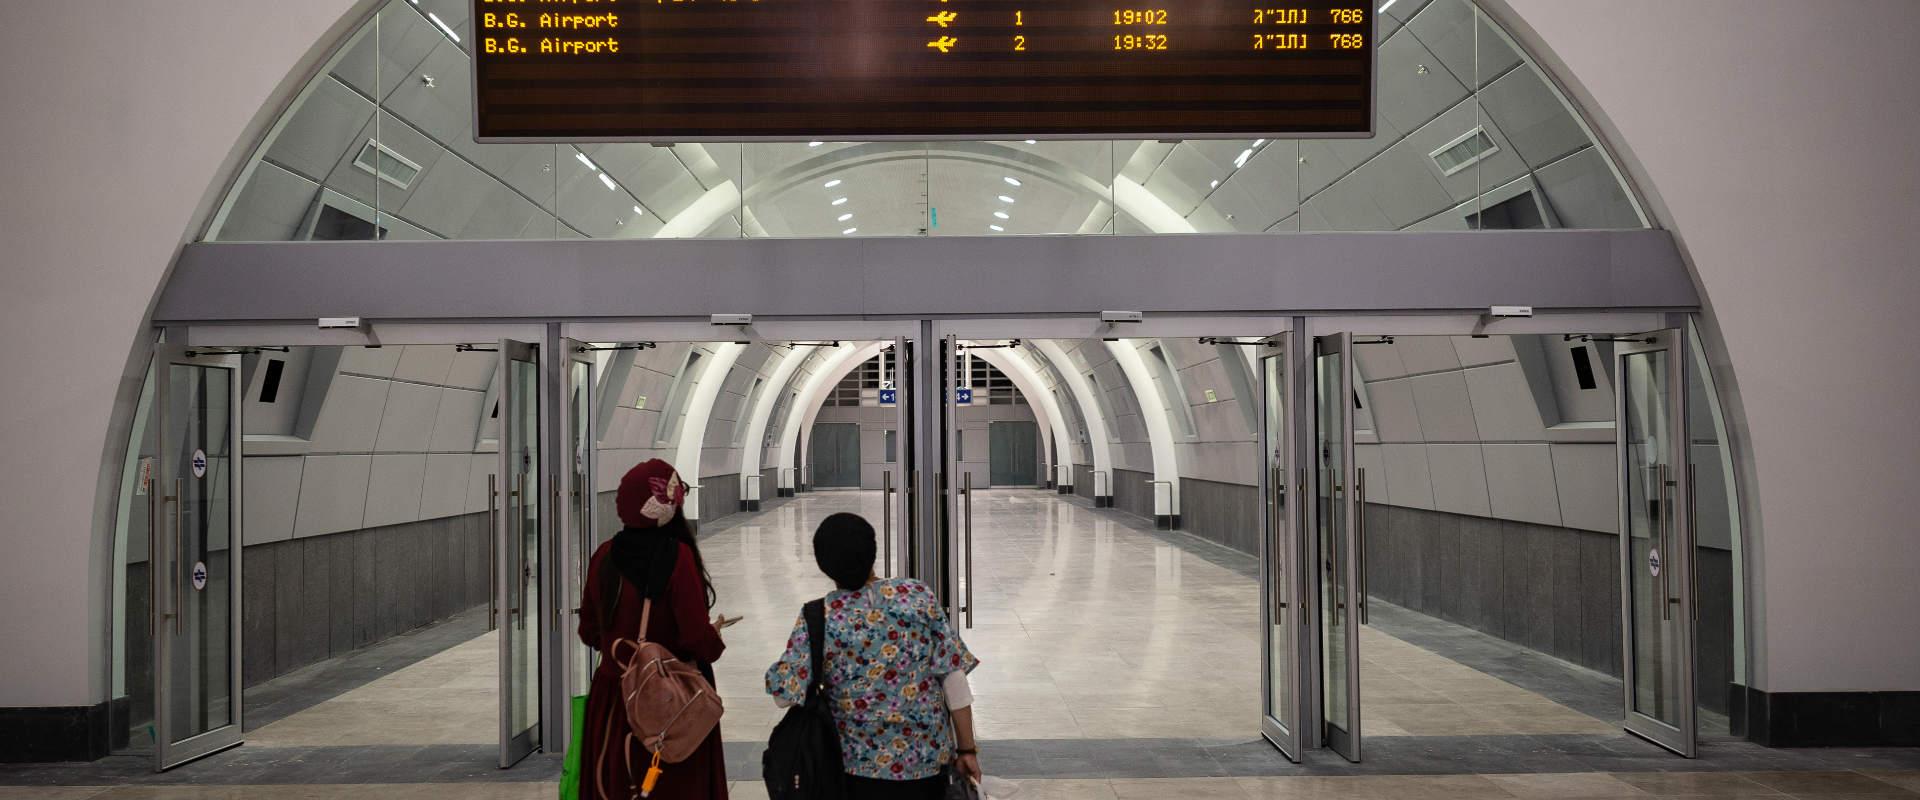 תחנת הרכבת בירושלים, בחודש שעבר